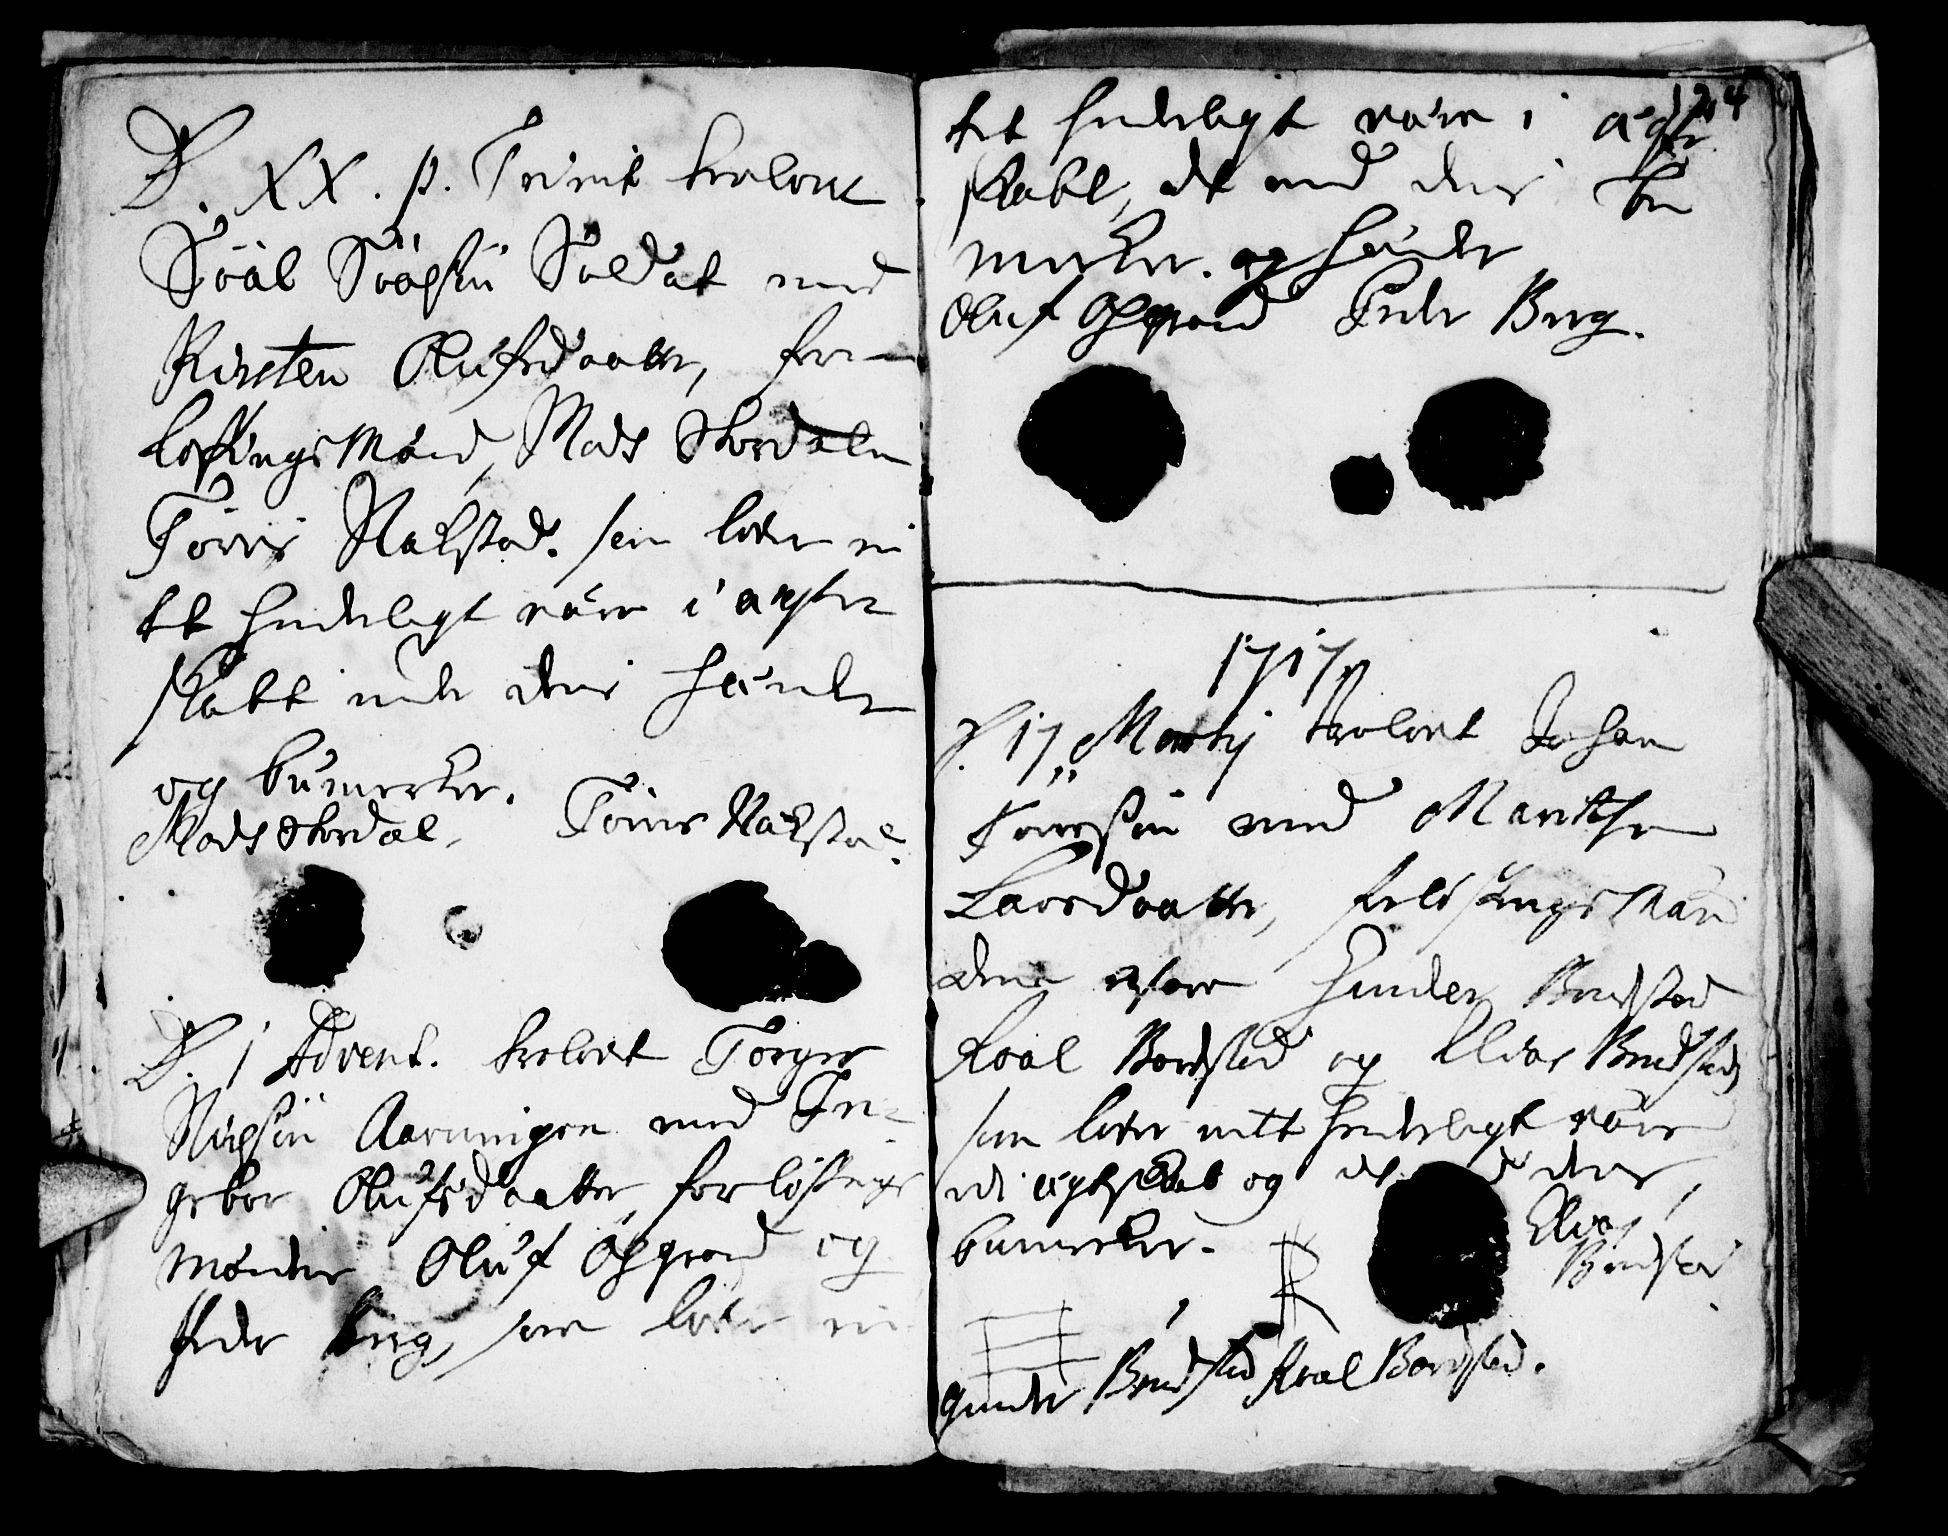 SAT, Ministerialprotokoller, klokkerbøker og fødselsregistre - Nord-Trøndelag, 722/L0214: Ministerialbok nr. 722A01, 1692-1718, s. 124